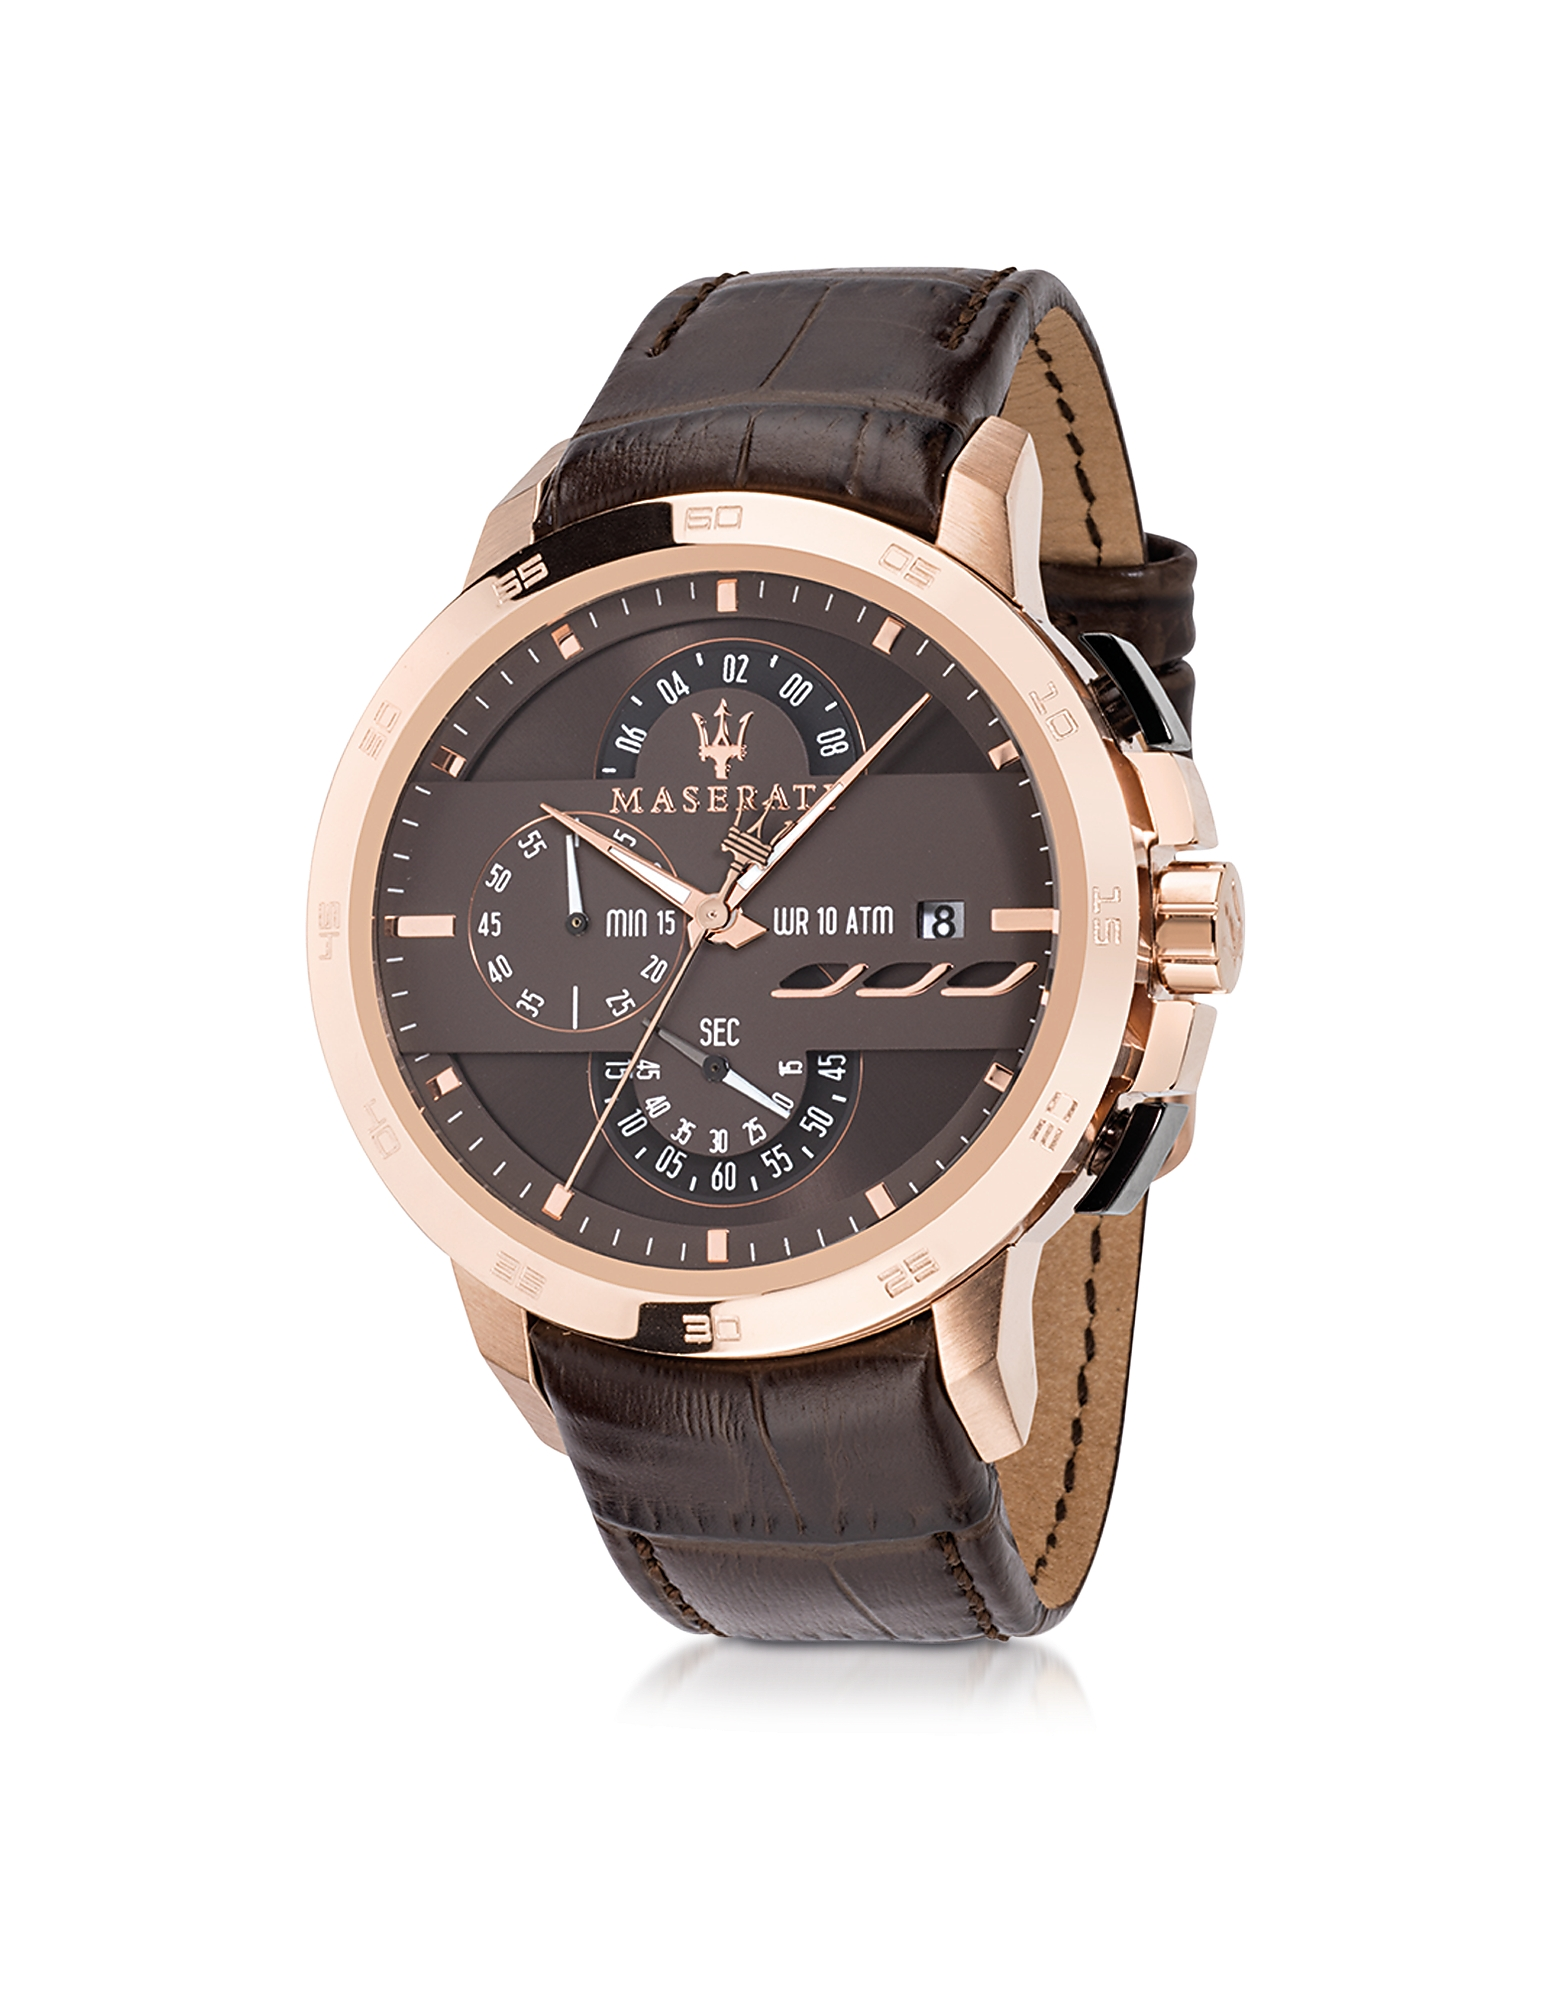 Maserati Ingegno - Мужские Часы Хронограф из Нержавеющей Стали Цвета Розового Золота с Коричневым Кожаным Ремешком